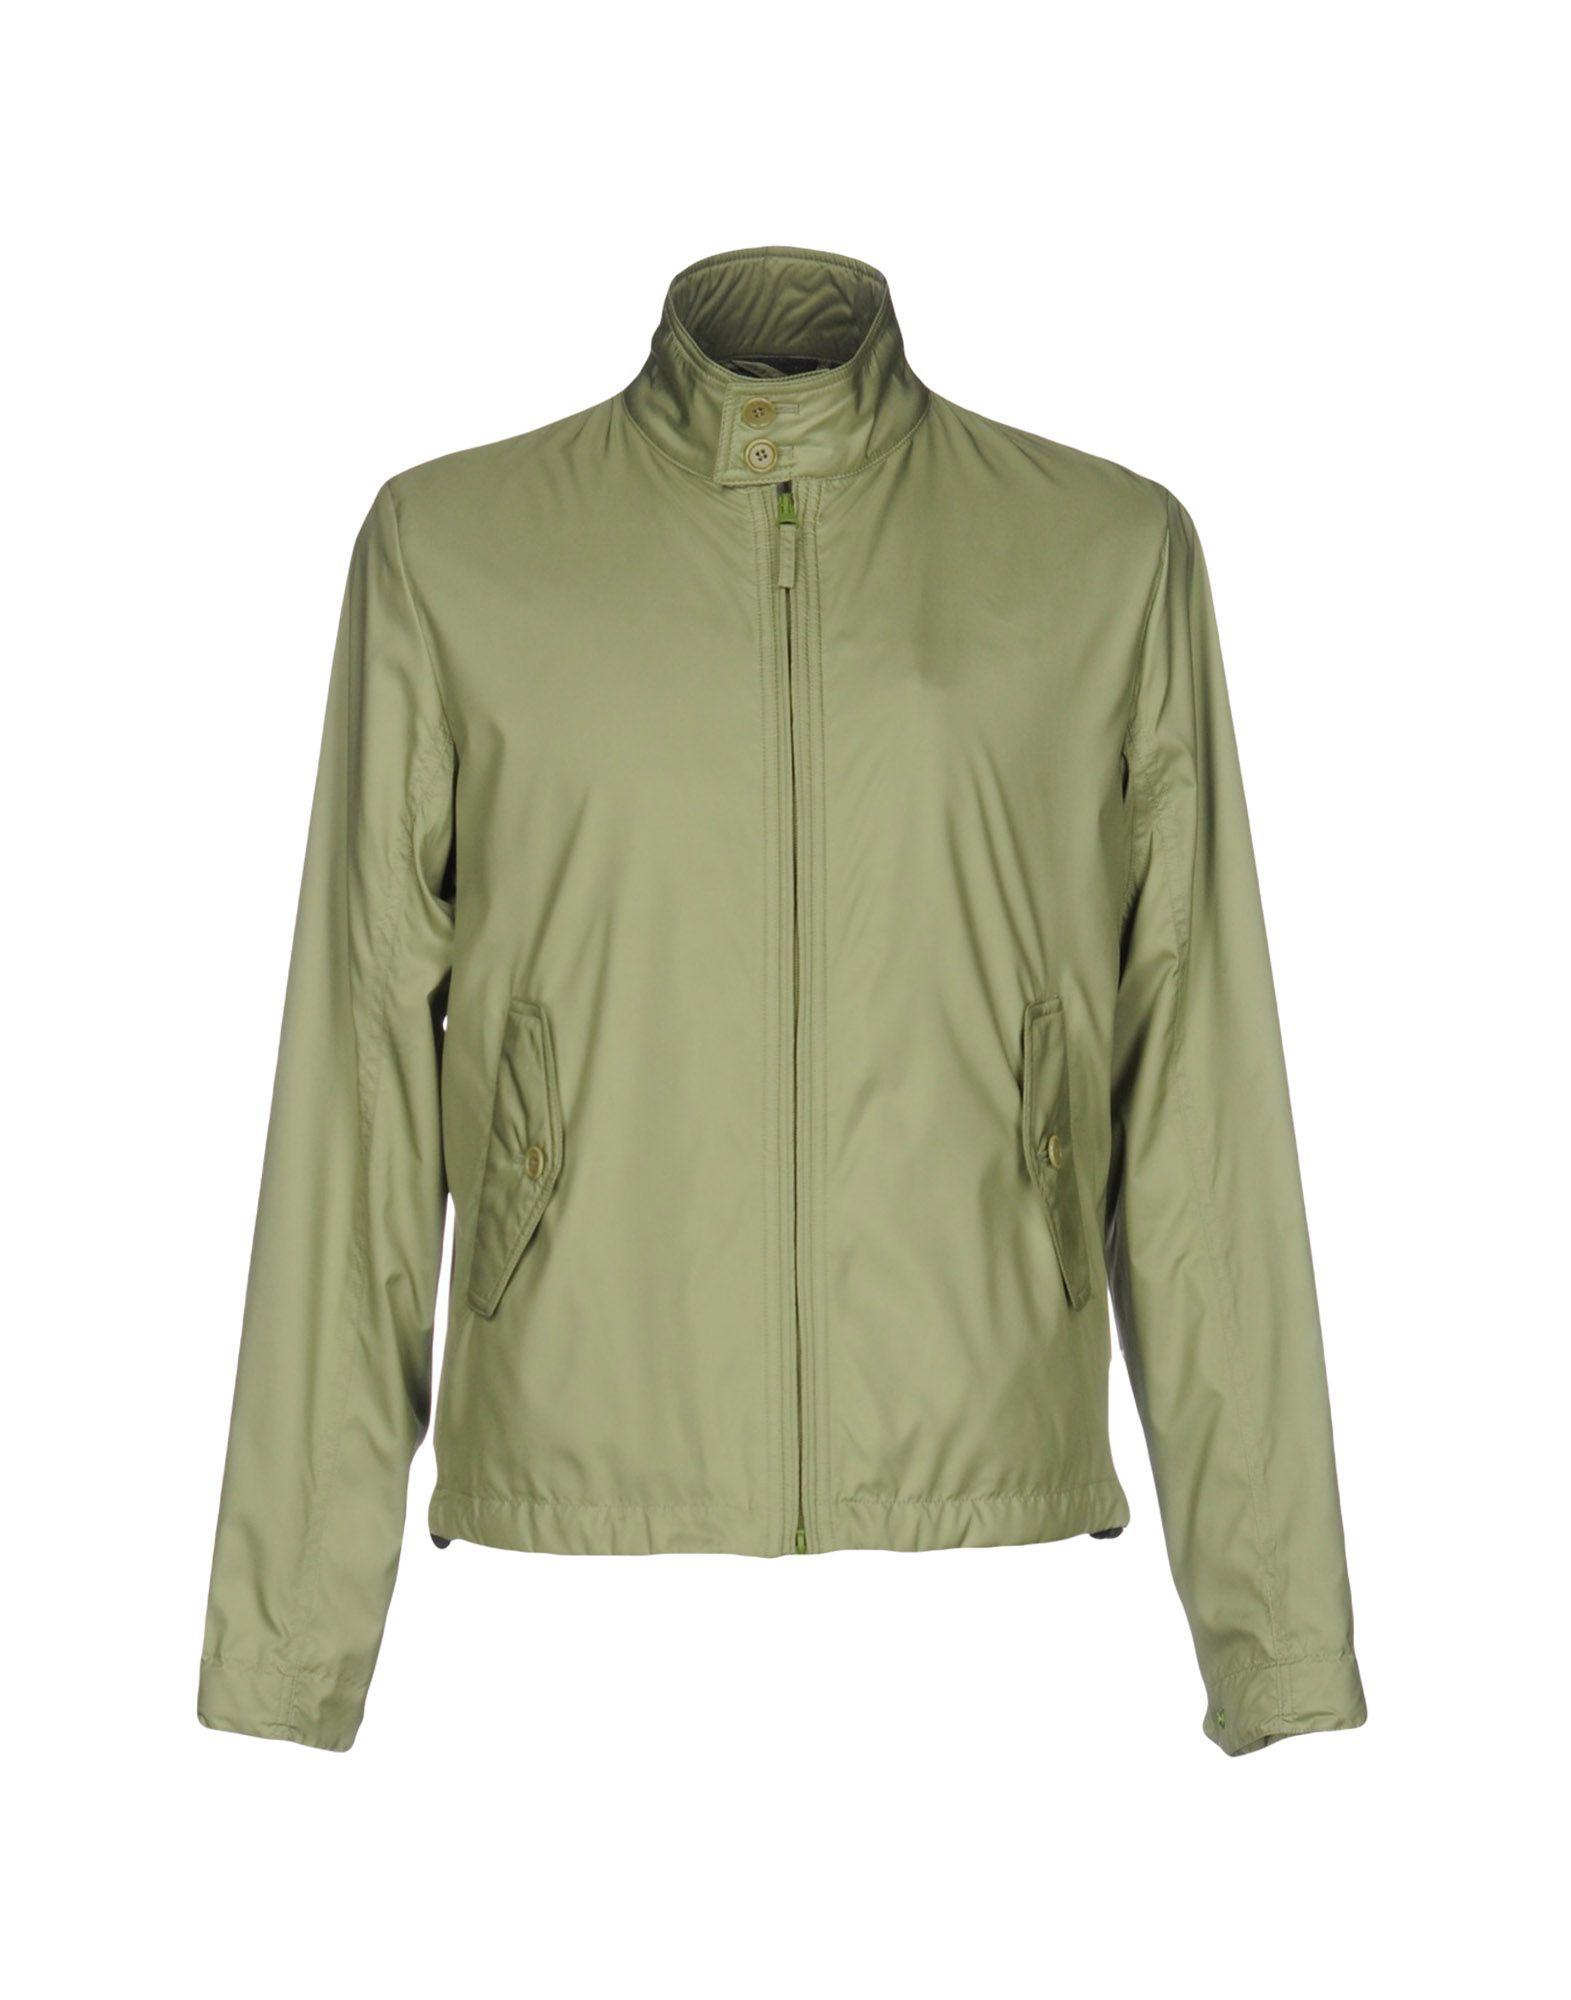 ASPESI Herren Jacke Farbe Säuregrün Größe 8 jetztbilligerkaufen